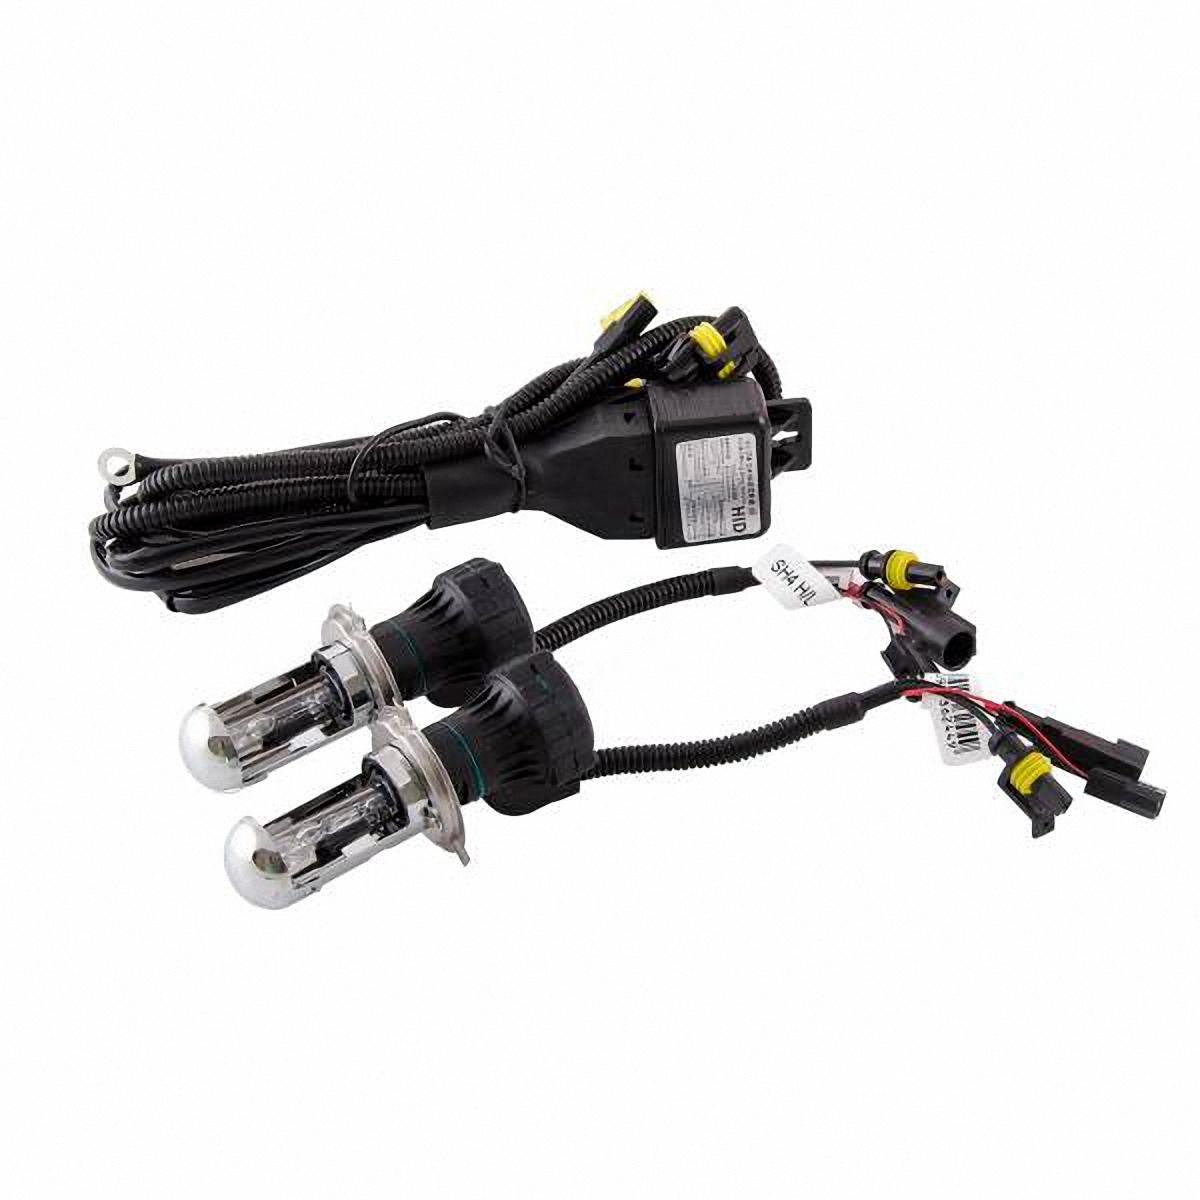 Лампа автомобильная Skyway, биксенон, цоколь H4, 35 Вт, 12 В, 2 шт10503Данная биксеноновая лампа под цоколь H4 применяется в автомобилях со световой системой, в которой в одной лампе совмещены ближний и дальний свет (в одной лампе 2 спирали). Автолампа биксенон SKYWAY устойчива к тряскам, имеет продолжительный срок эксплуатации. За счет лучшего освещения дорожной разметки и дорожных знаков, вы будете чувствовать себя уверенно в плохих погодных условиях и в темное время суток. А мягкий бело-желтый свет лампы не ослепляет водителей встречного потока автомобилей.Особенности: Защита от короткого замыкания, перенапряжения, низкого напряжения Комплект предназначен для установки в посадочные места галогеновых автомобильных ламп Упрощенная инсталляция на любой автомобиль без замены штатной проводки Колба лампы изготовлена из кварцевого стекла Водонепроницаемый корпус Короткое время розжига Характеристики: Цветовая температура: 4300К Цоколь: Н4 Мощность: 35 Вт Напряжение: 12В Комплектация: Лампа газоразрядная биксеноновая – 2 шт. Провод питания – 1 шт. Гарантийный талон – 1 шт.